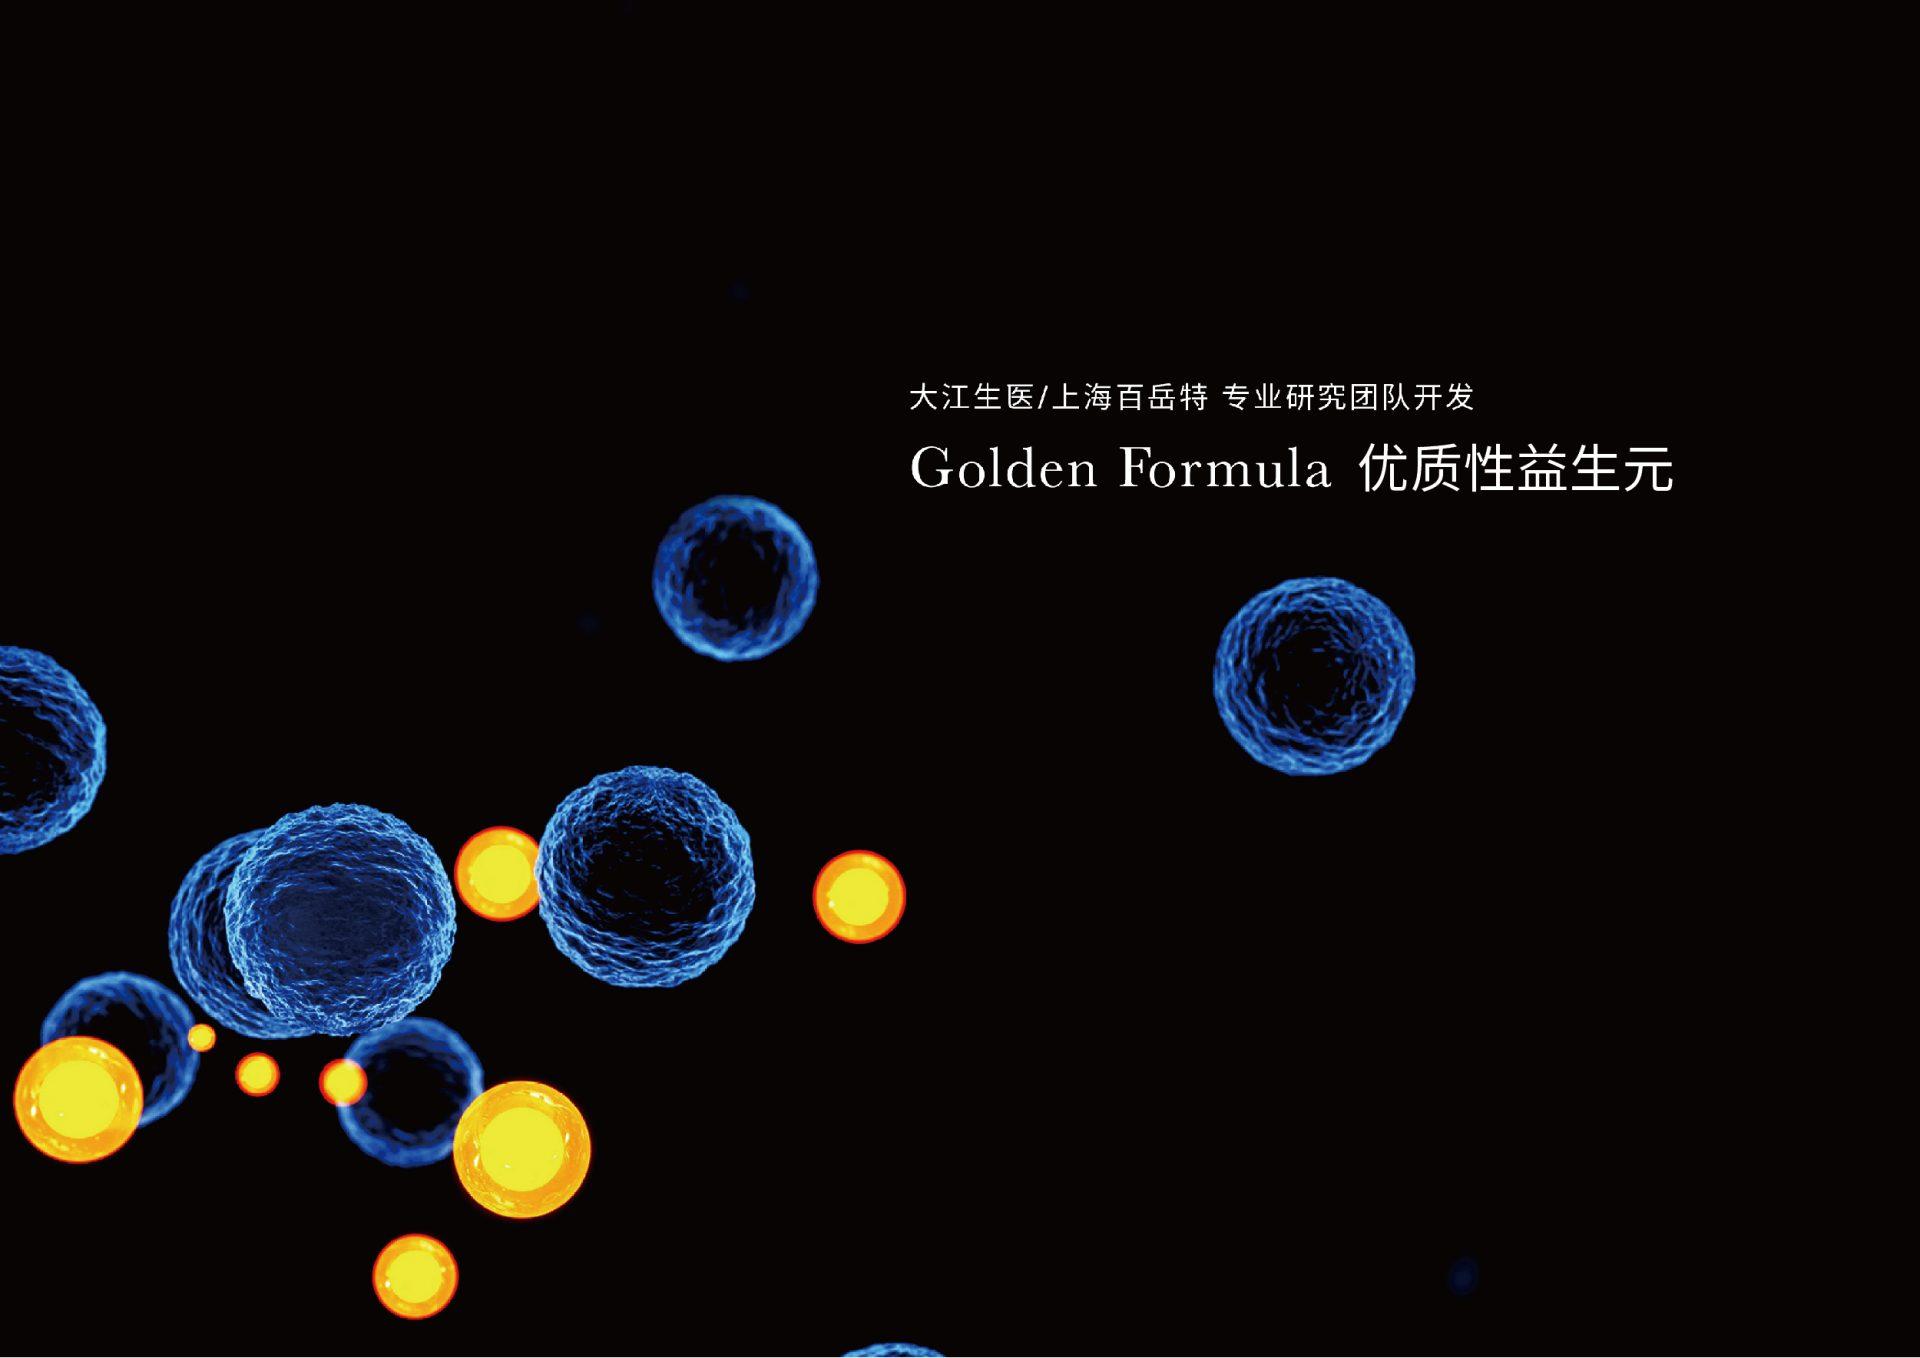 TCI 严选黄金配方、让肠内养好菌 - Golden Formula 优质益生元的另一种选择